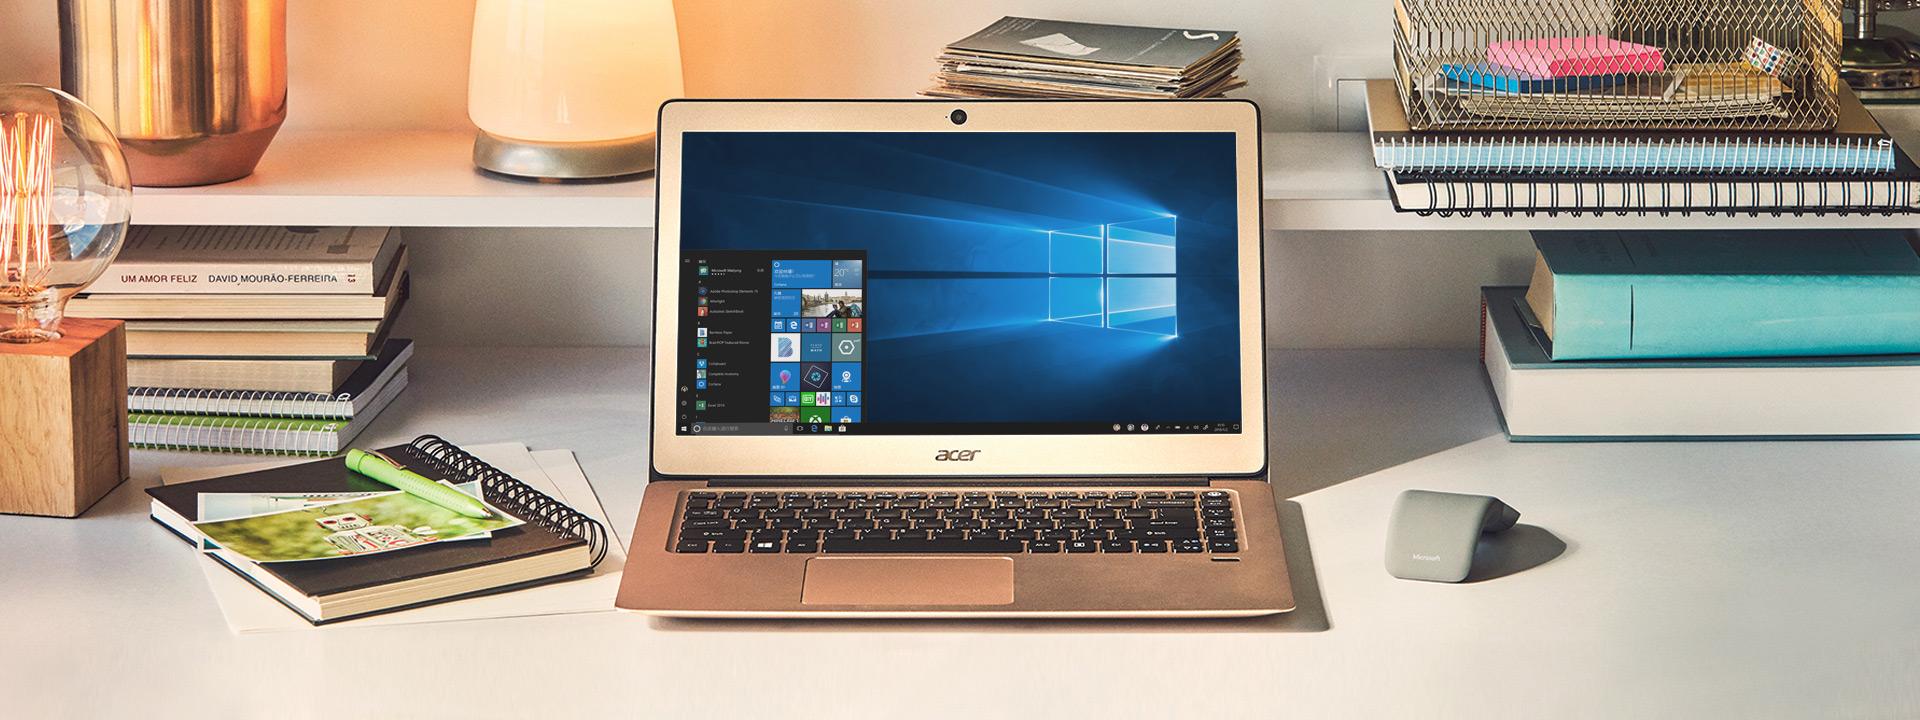 宏碁 (Acer) 笔记本电脑和鼠标放在办公桌上,四周环绕着图书和记事本